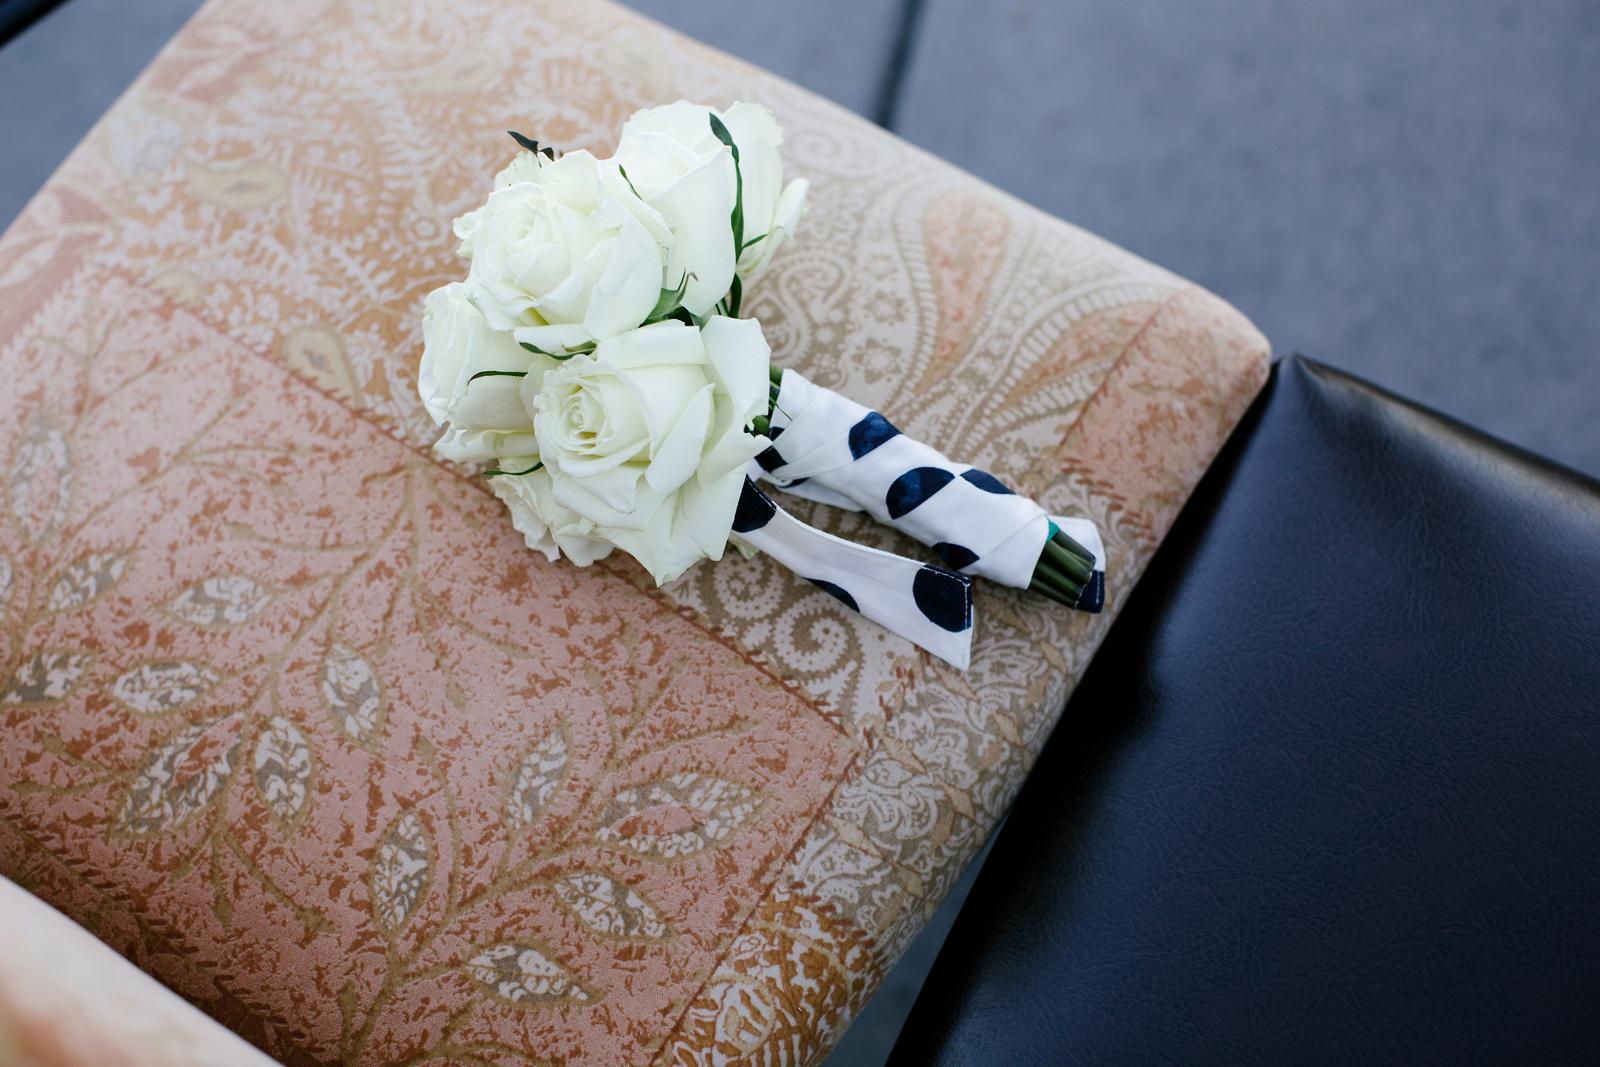 020-daronjackson-rich-wedding.jpg